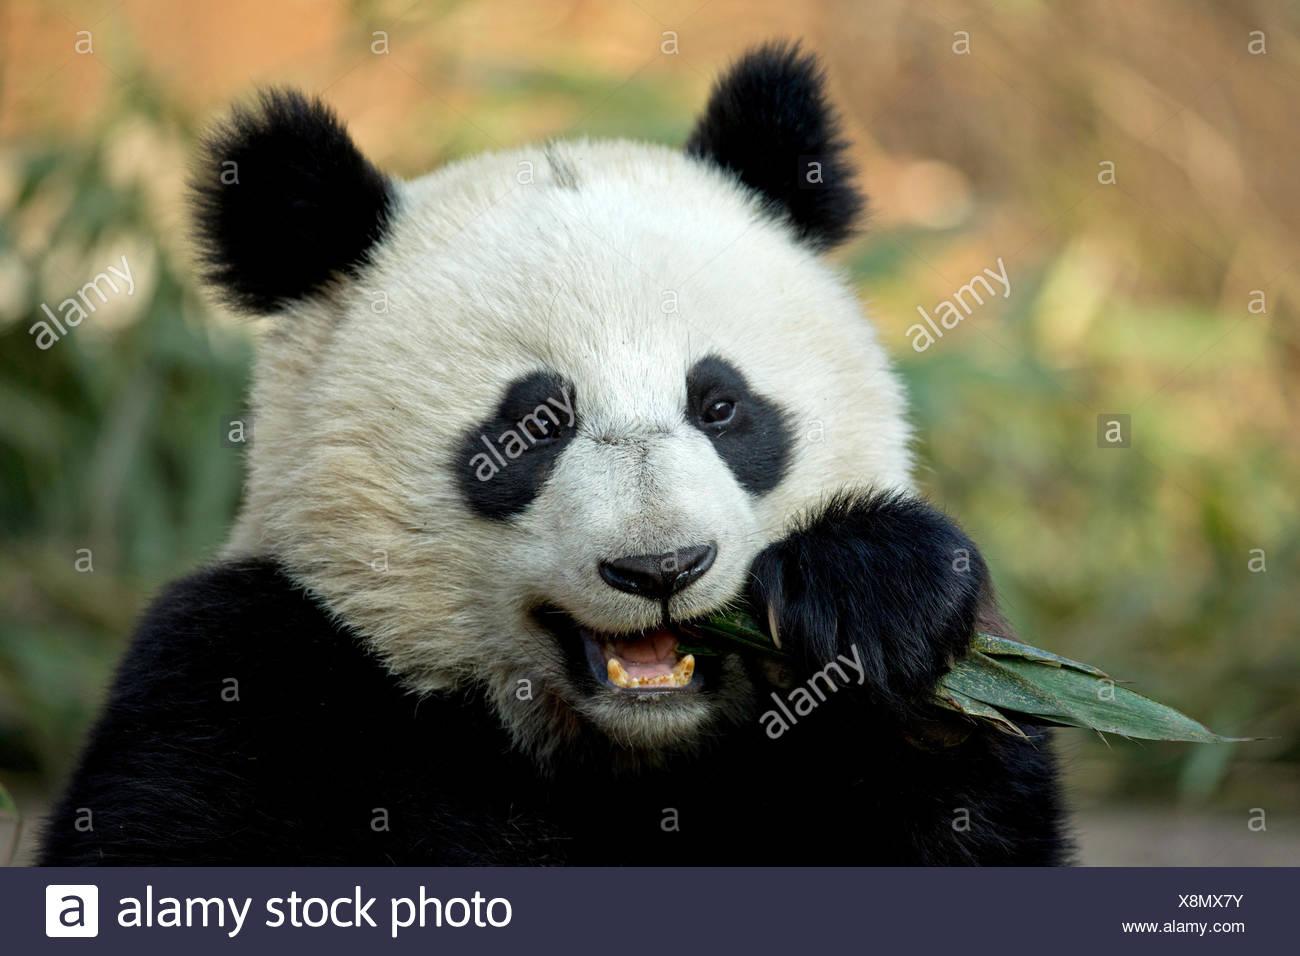 Giant Panda (Ailuropoda melanoleuca) sub adult feeding. Bifengxia, China. Captive. - Stock Image